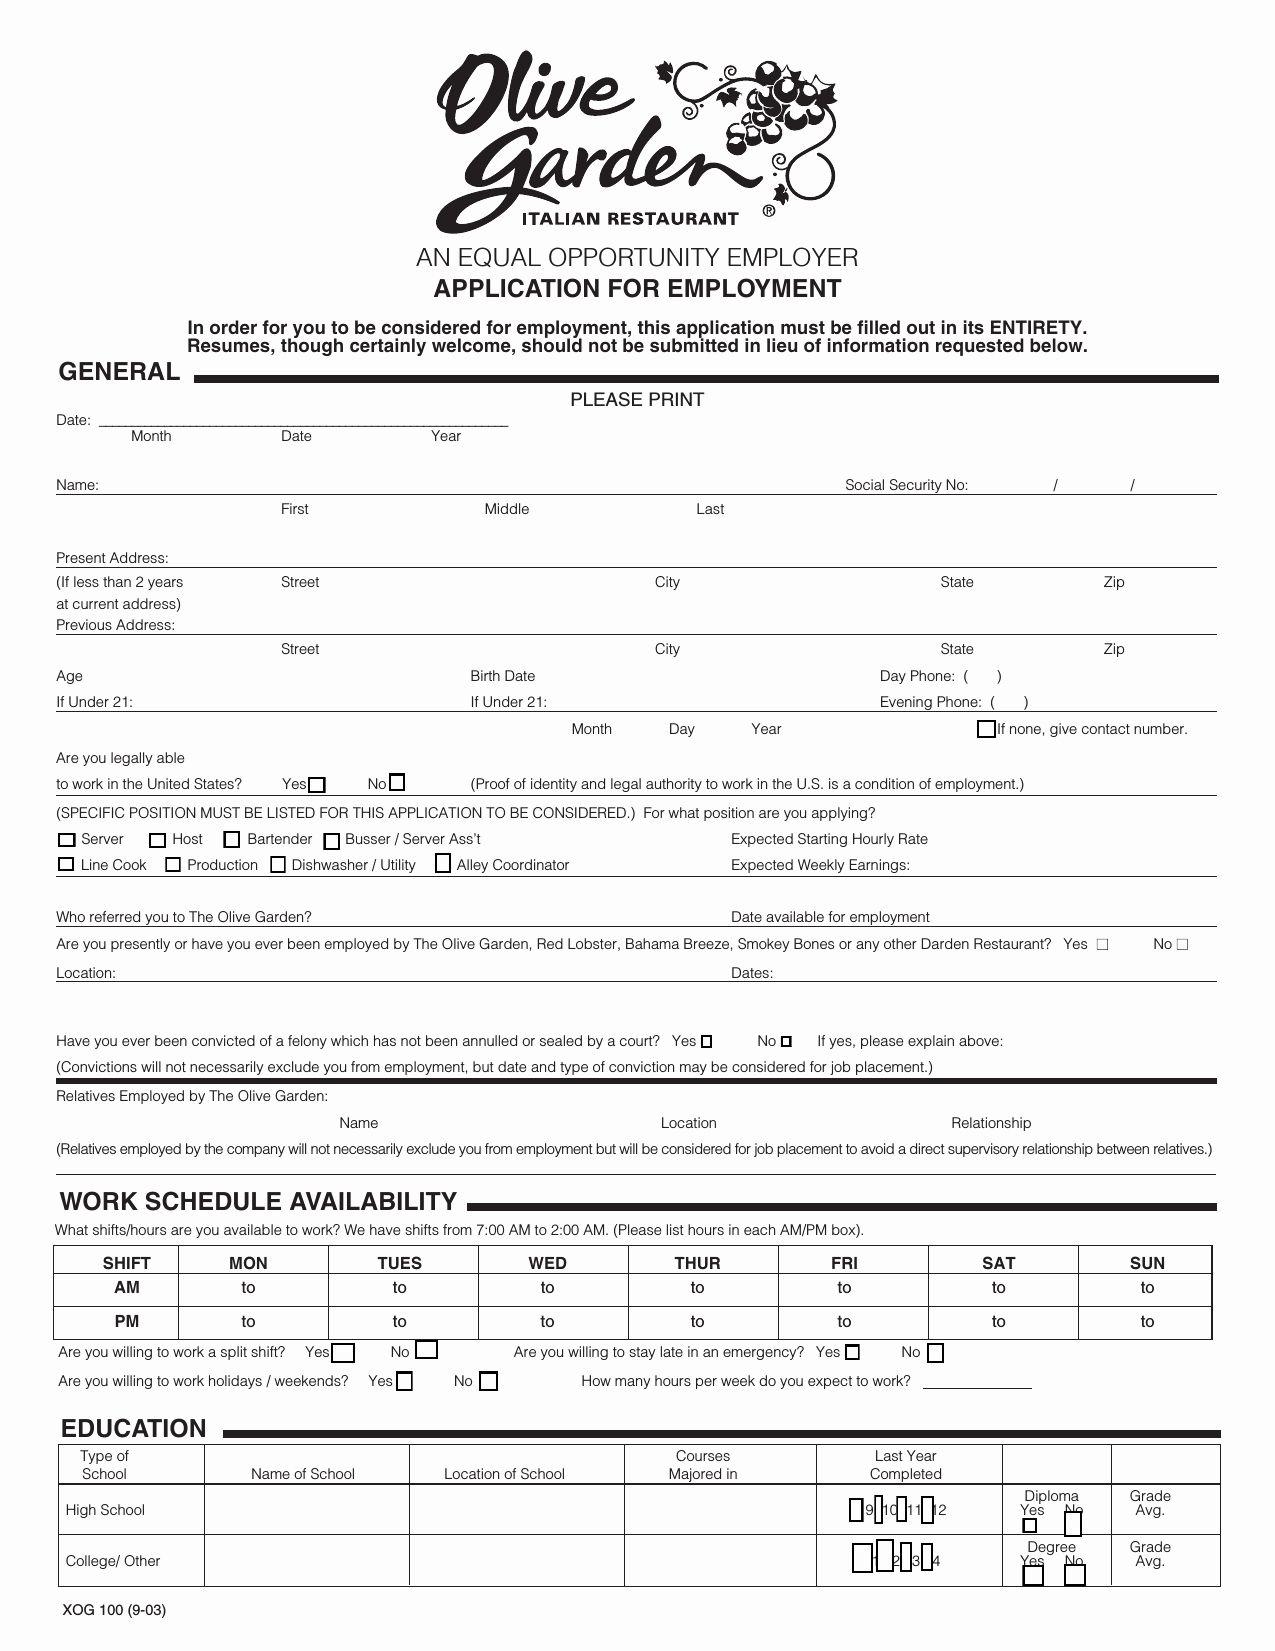 Jobs Application form Pdf Lovely Download Olive Garden Job